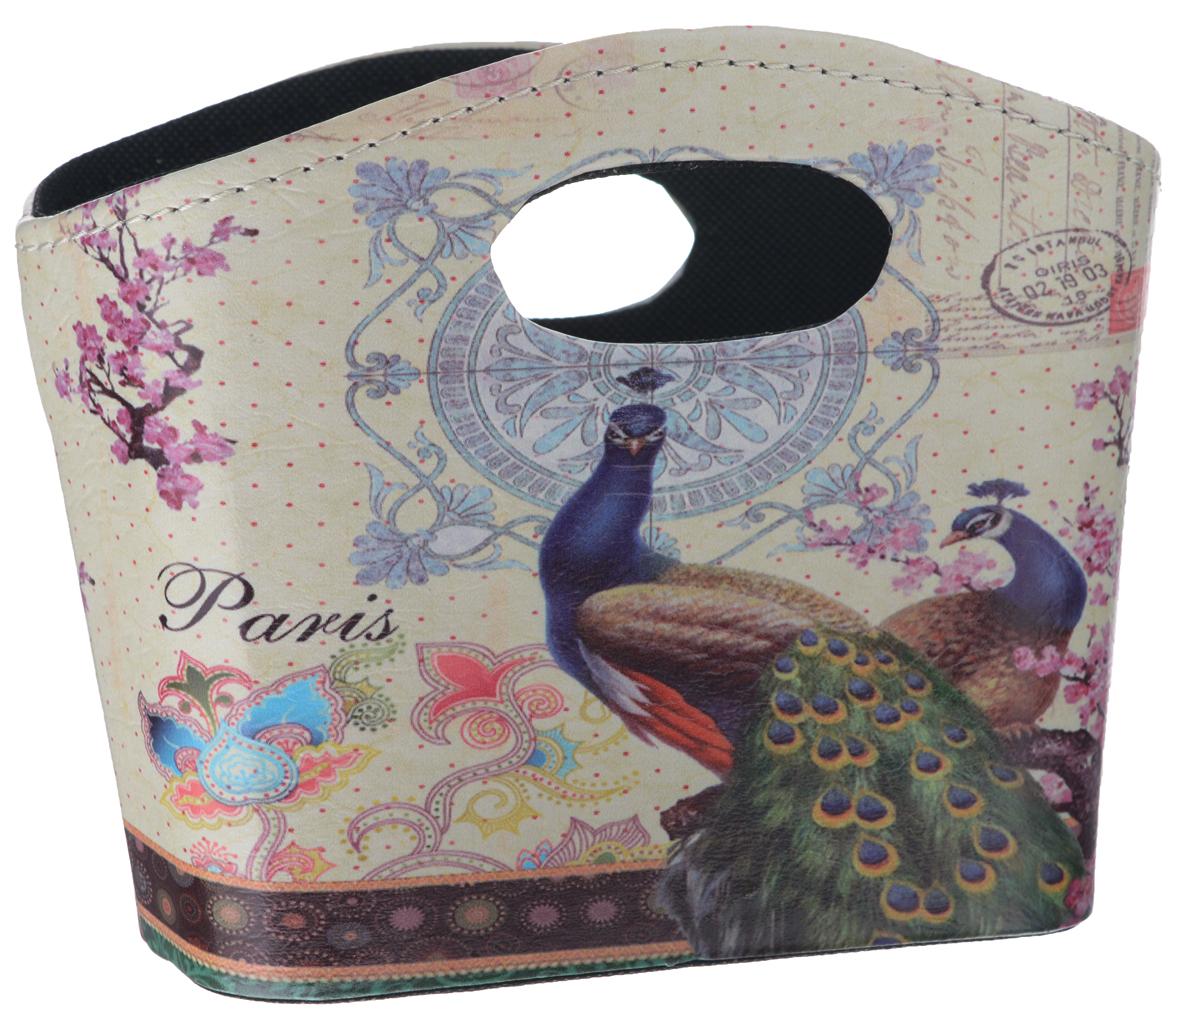 Сумка для хранения El Casa Павлины, 20 см х 11 см х 16 смV30 AC DCИнтерьерная сумка El Casa Павлины, выполненная из МДФ и текстиля, понравится всем ценителям оригинальных вещей. Благодаря прекрасному дизайну и необычной форме, такая сумка будет отлично смотреться в вашей гостиной или коридоре. В ней можно хранить всевозможные мелочи: расчески, заколки, журналы или газеты. Сумка El Casa Павлины станет отличным подарком для ваших друзей и близких.